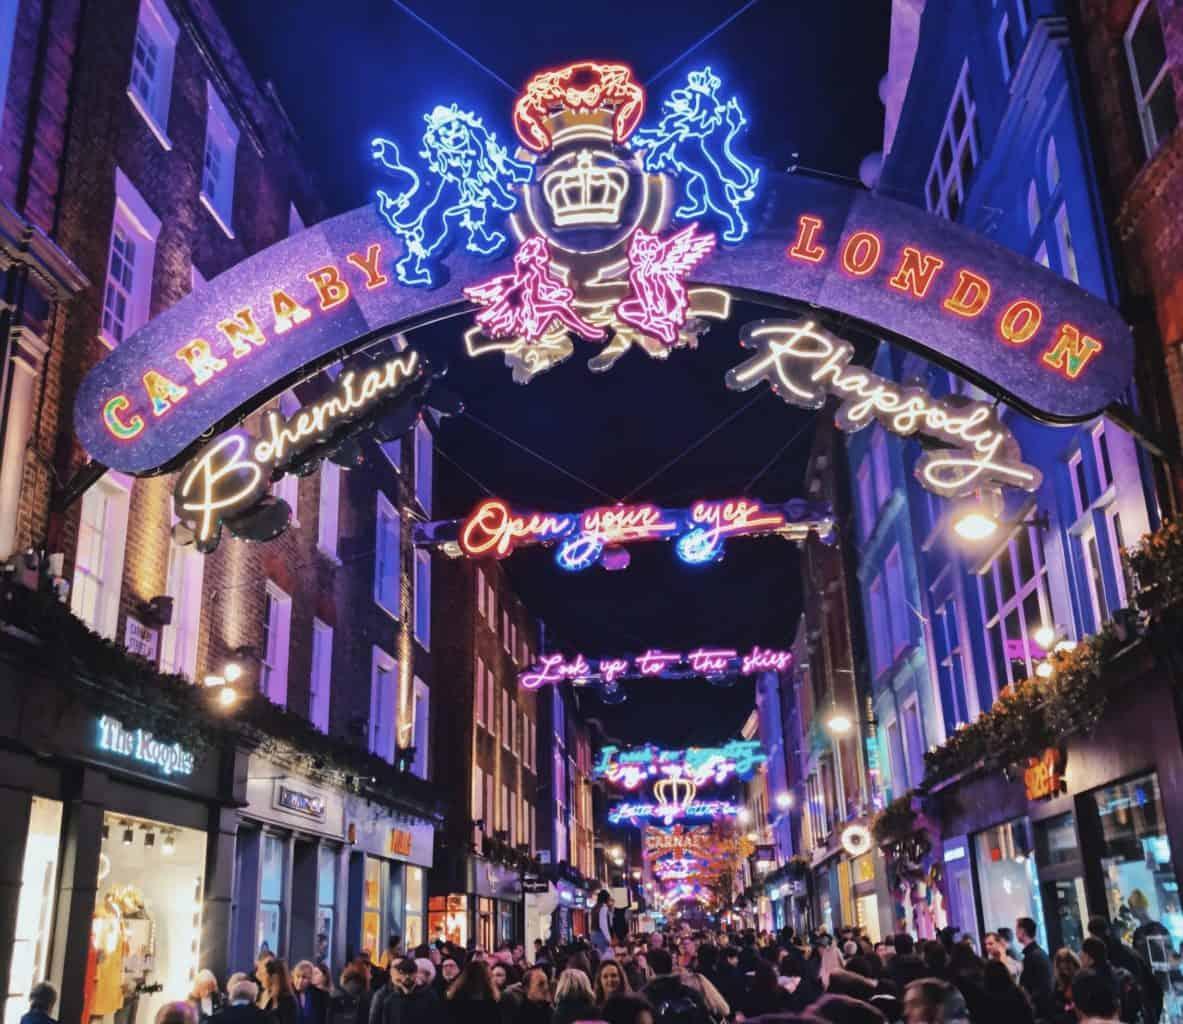 Christmas Spots in London